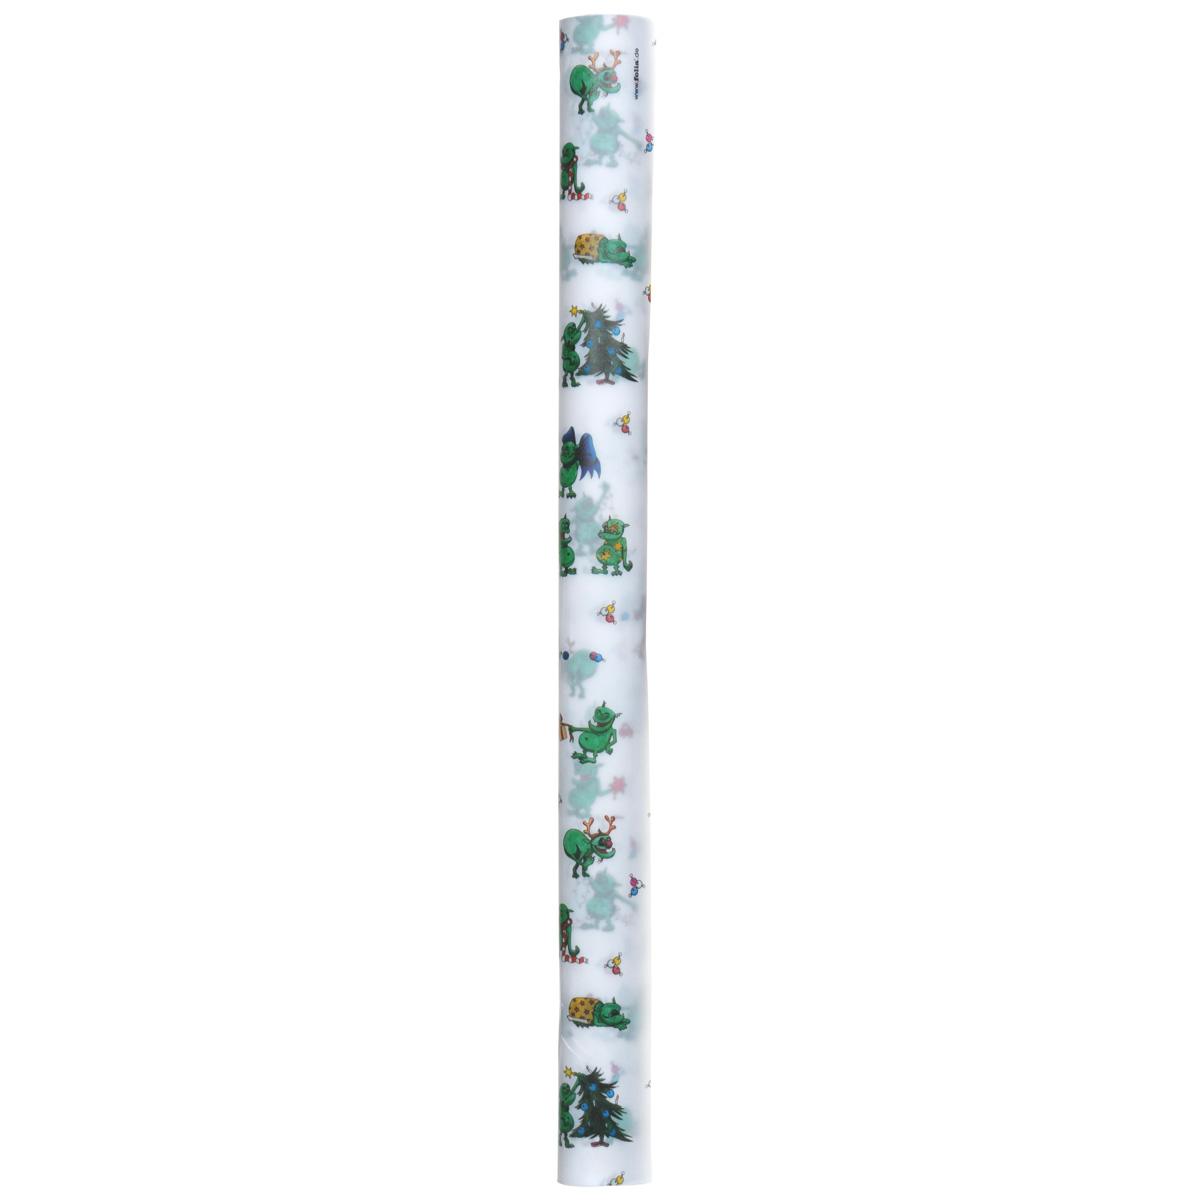 Транспарентная бумага Folia Рождественские тролли, цвет: белый, зеленый, 50,5 x 70 см7701650_11 св.оранжевыйТранспарентная бумага Folia Рождественские тролли - полупрозрачная бумага с оригинальным дизайном в виде различных троллей. Используется для изготовления открыток, для скрапбукинга и других декоративных или дизайнерских работ. Бумага прекрасно держит форму, не пачкает руки, отлично крепится. Конструирование из транспарентной бумаги - необходимый для развития детей процесс. Во время занятия аппликацией ребенок сумеет разработать четкость движений, ловкость пальцев, аккуратность и внимательность. Кроме того, транспарентная бумага позволит разнообразить идеи ребенка при создании творческих работ.